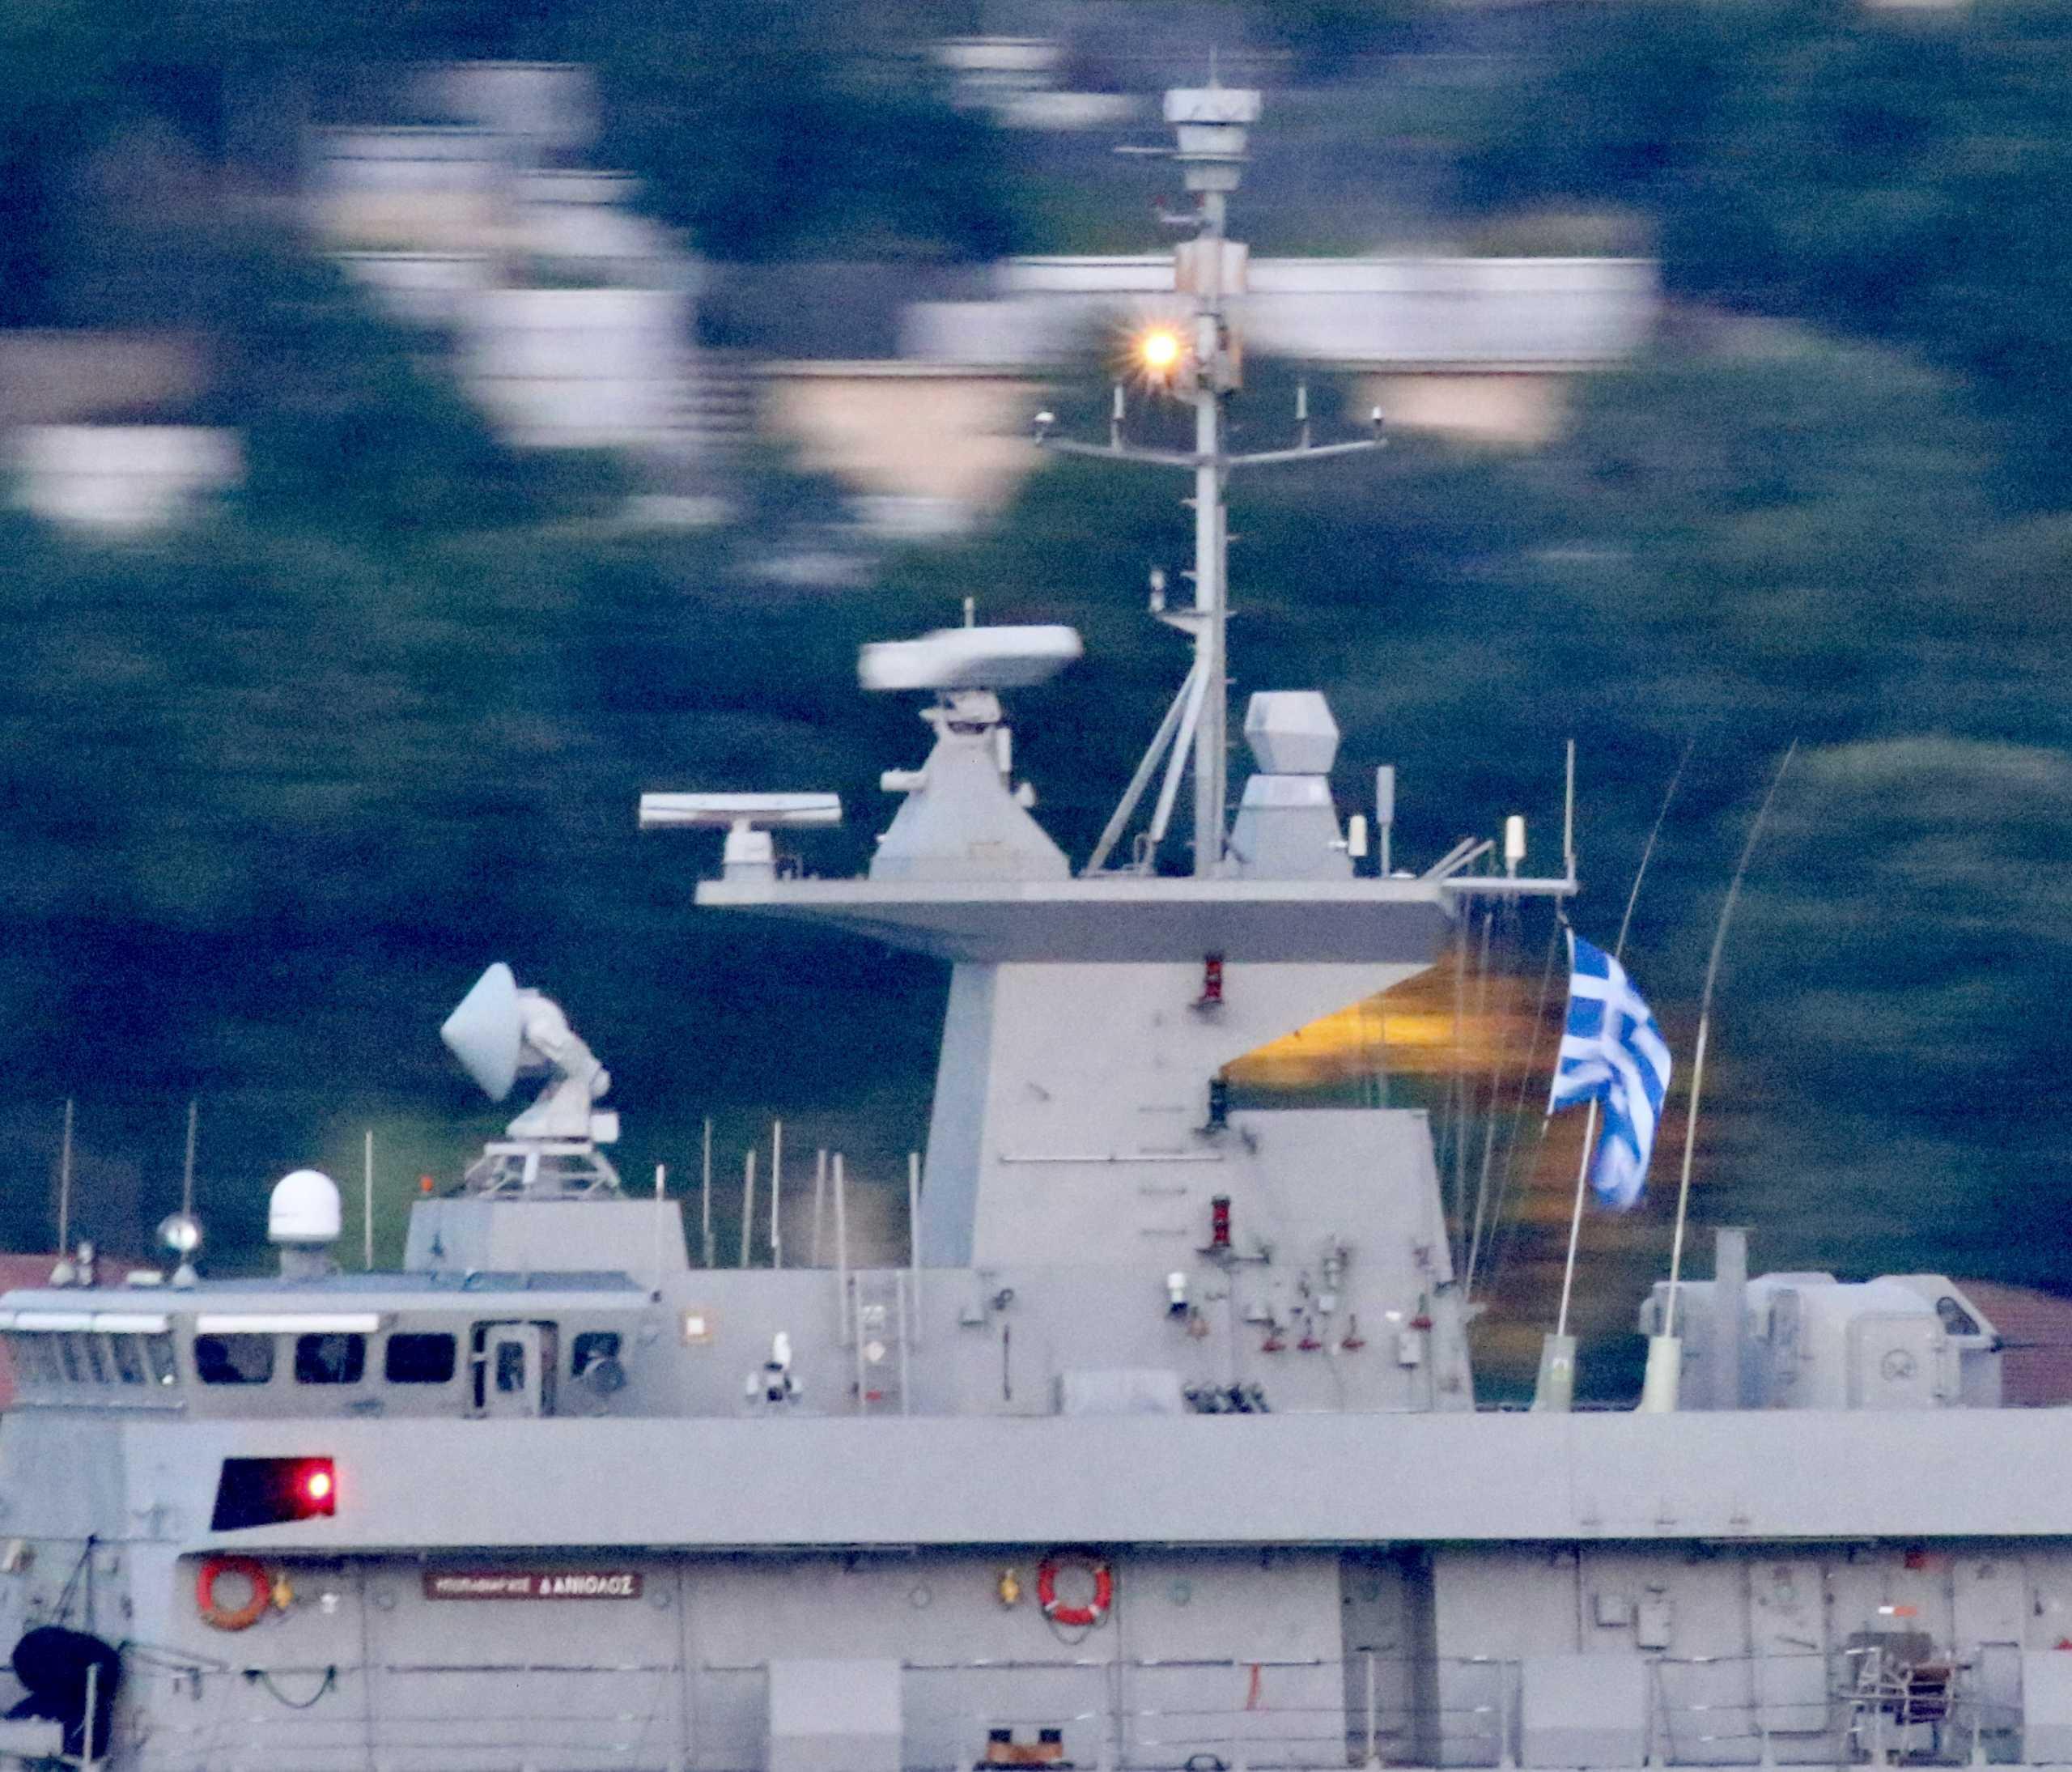 Στον Βόσπορο η ΤΠΚ «Δανιόλος» – Συμμετοχή στη ΝΑΤΟϊκή άσκηση «Breeze 21»